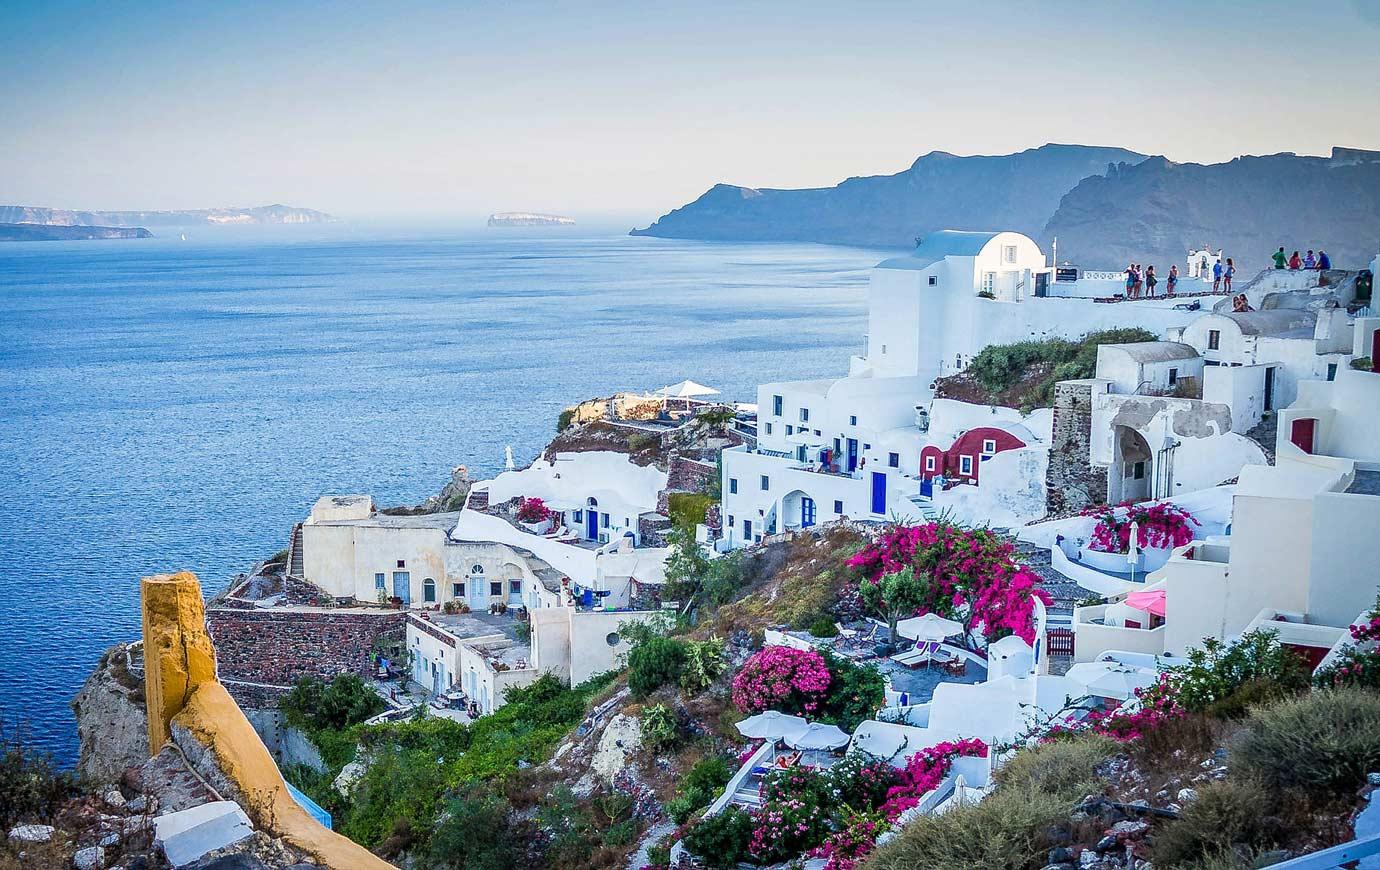 My trip to Greece